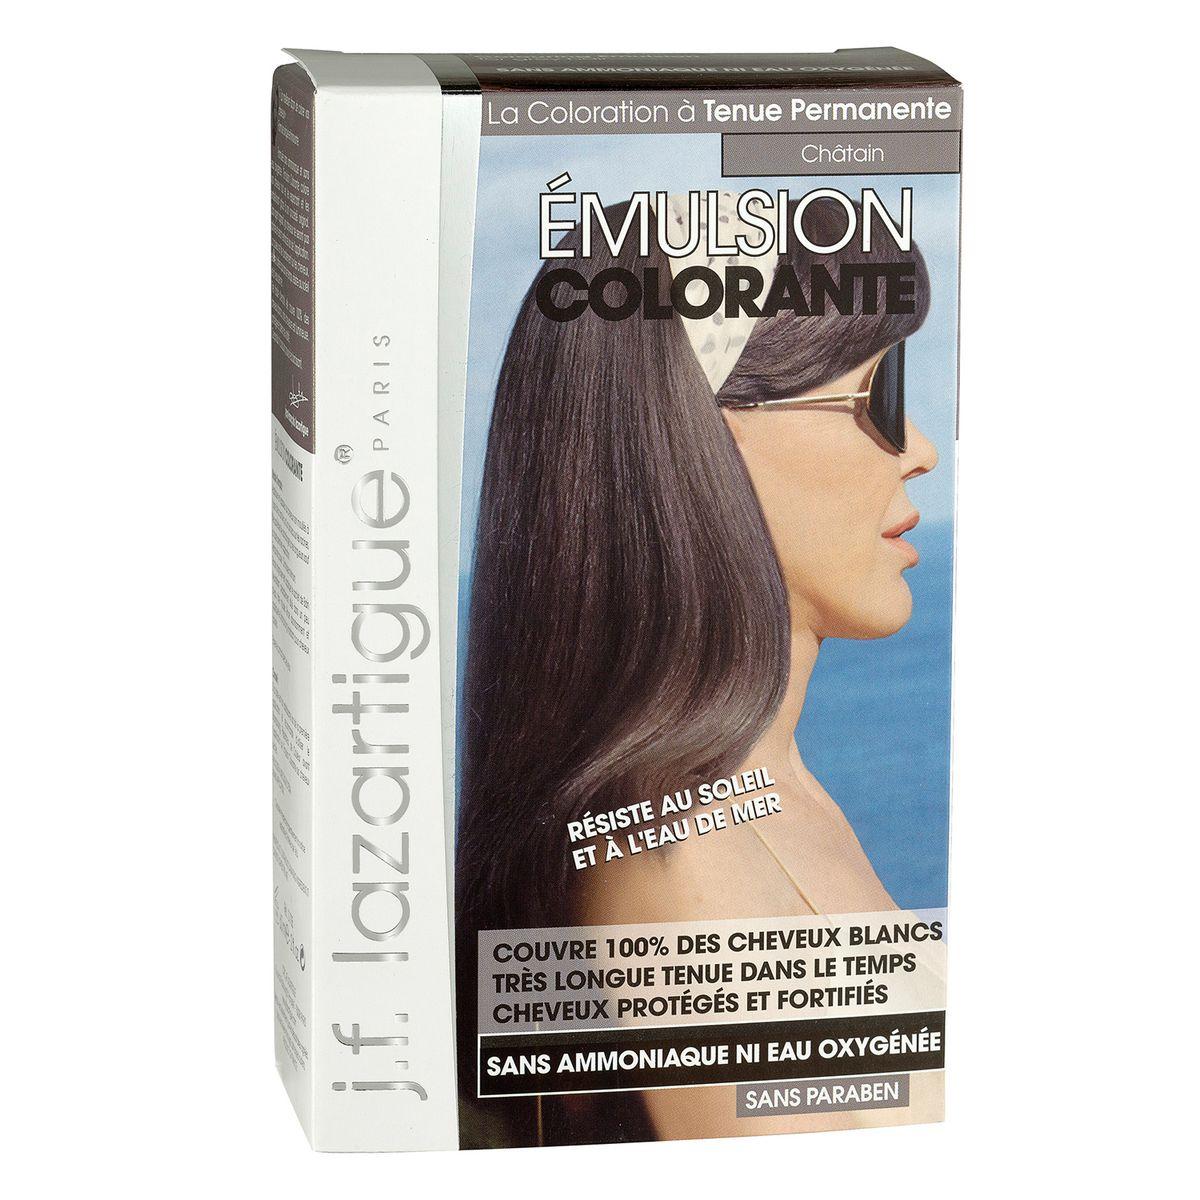 J.F.Lazartigue Оттеночная эмульсия для волос Каштан 60 мл01705Благодаря оригинальной формуле полностью (на 100%) скрывает седину, длительное время сохраняет цвет, поддерживает здоровье и жизненную силу волос и сохраняет эти качества, несмотря на воздействие солнечных лучей, морской воды и прочих неблагоприятных экологических факторов. Не осветляет, не повреждает, а укрепляет волосы. Не содержит аммиака, перекиси водорода и парабенов. Не предназначена для окрашивания бровей и ресниц.